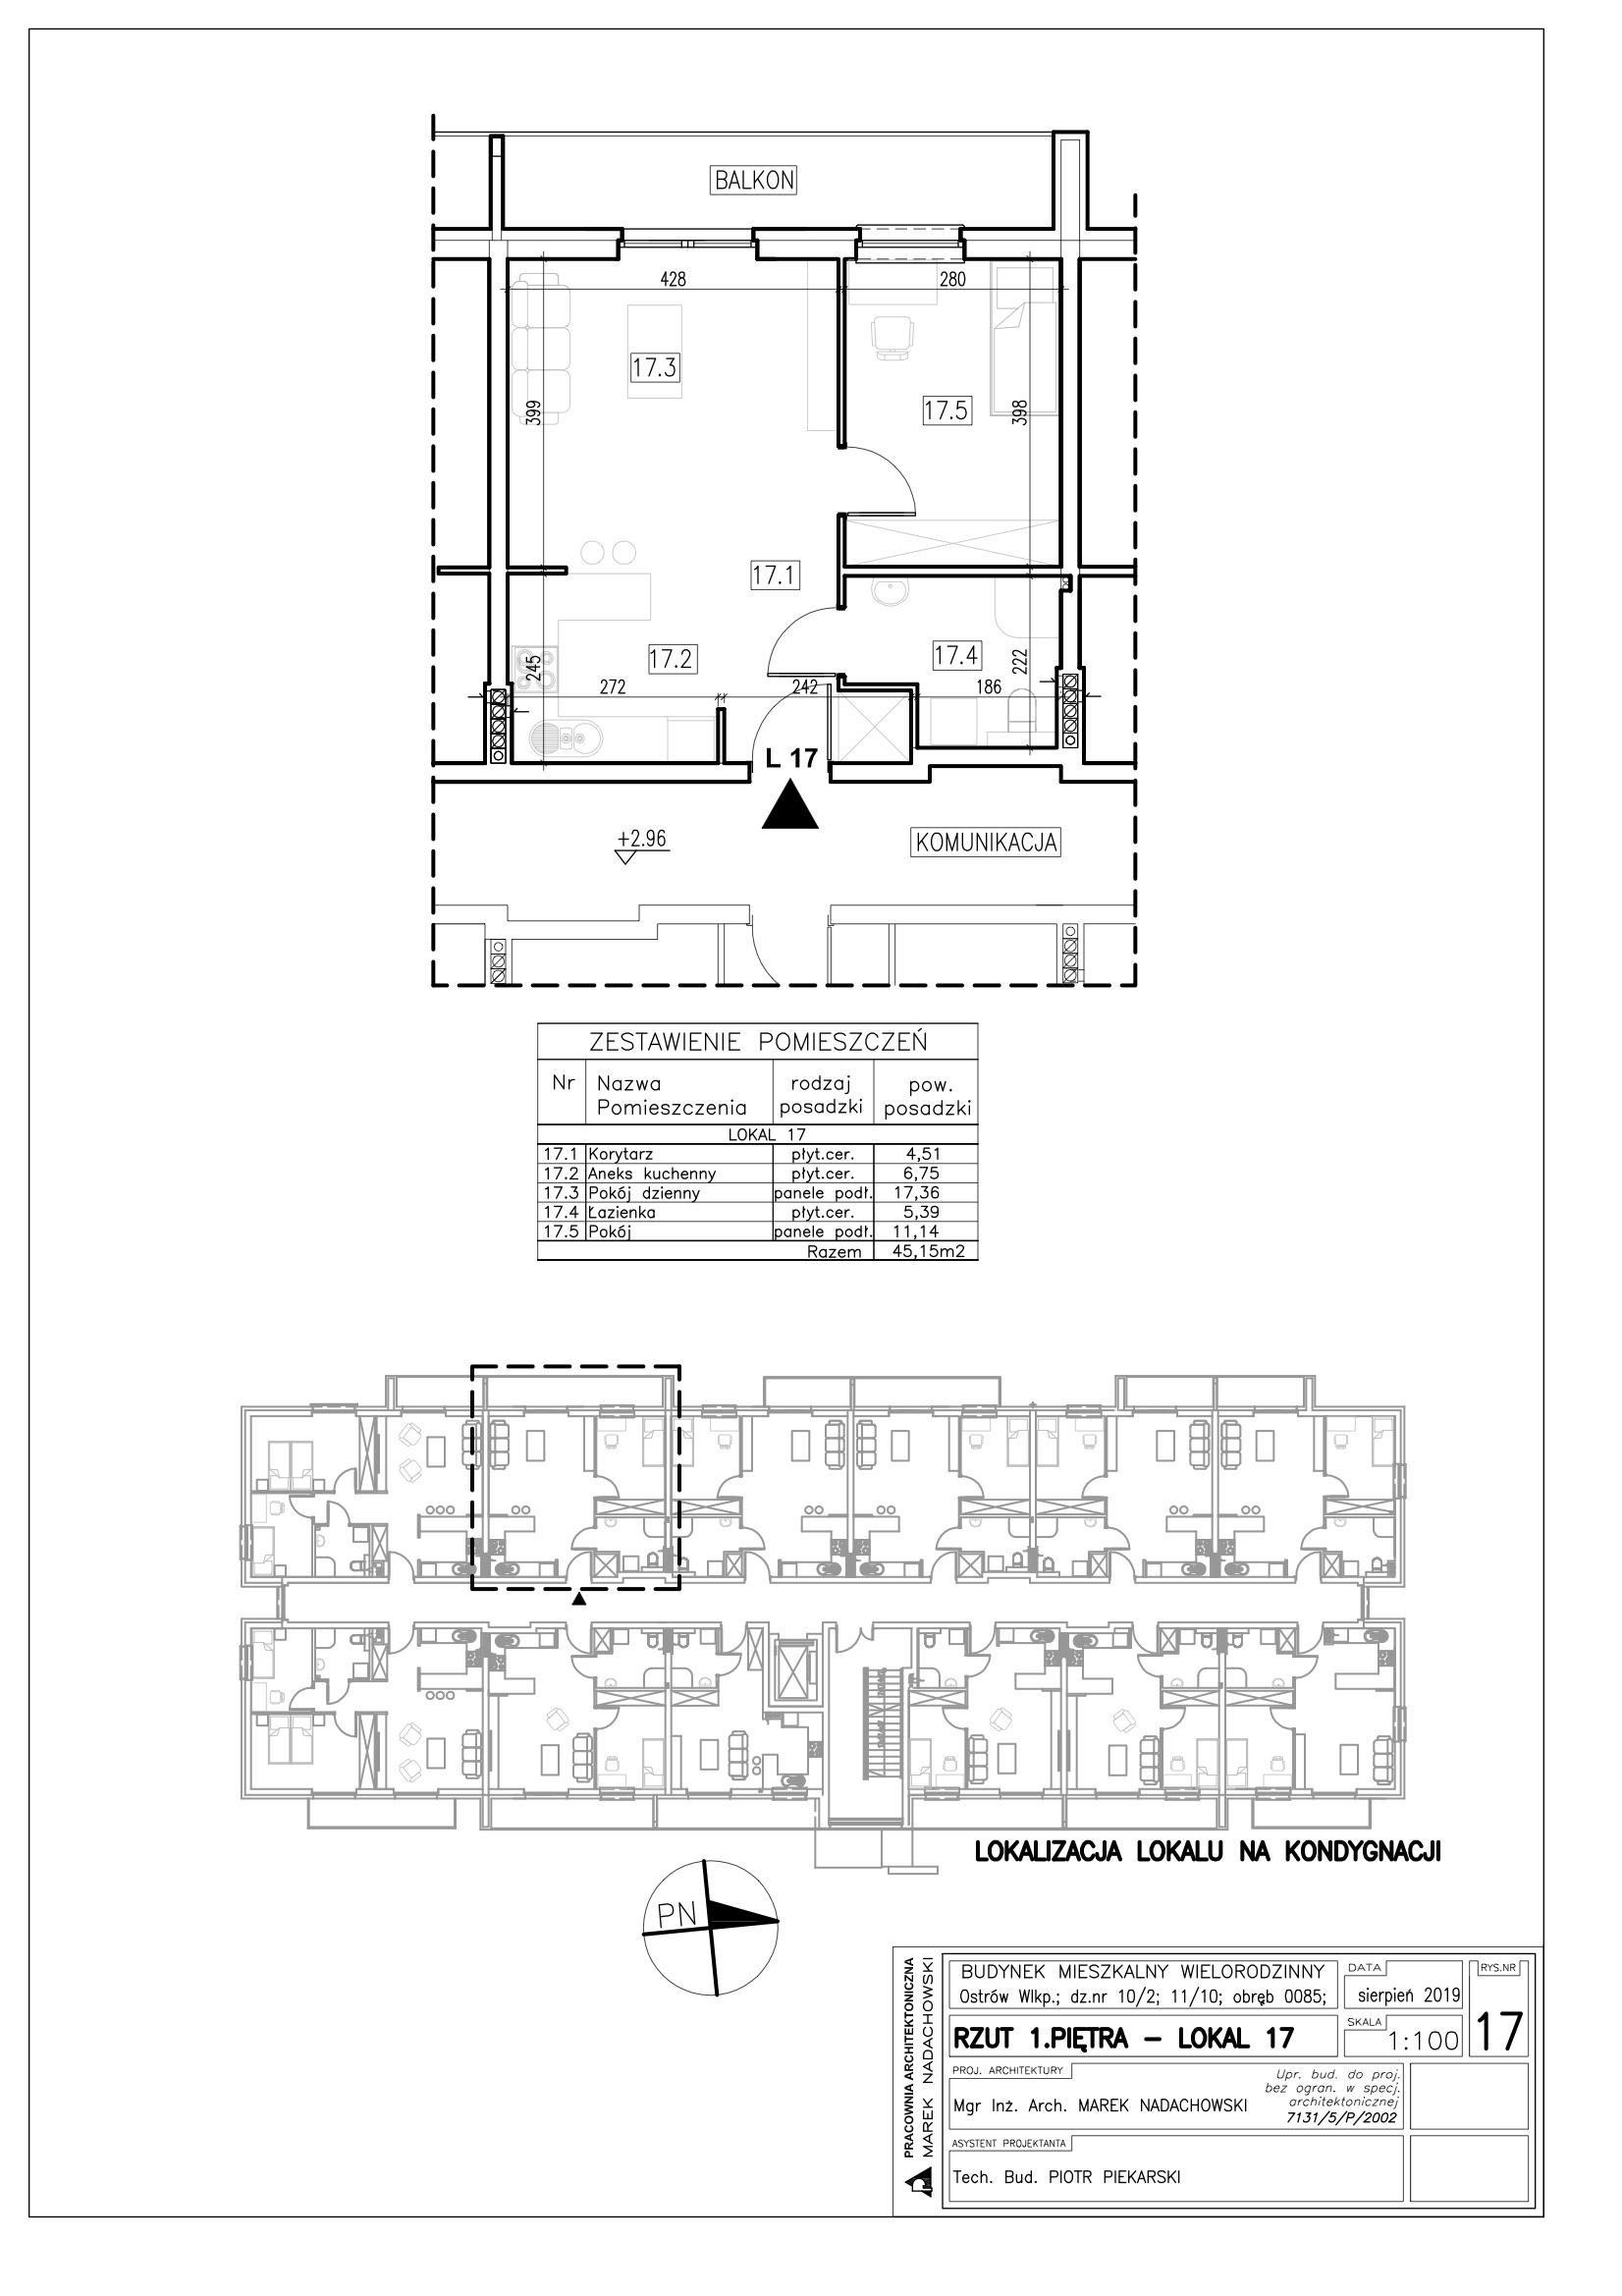 Lokal nr 17 powierzchnia 45,15m2